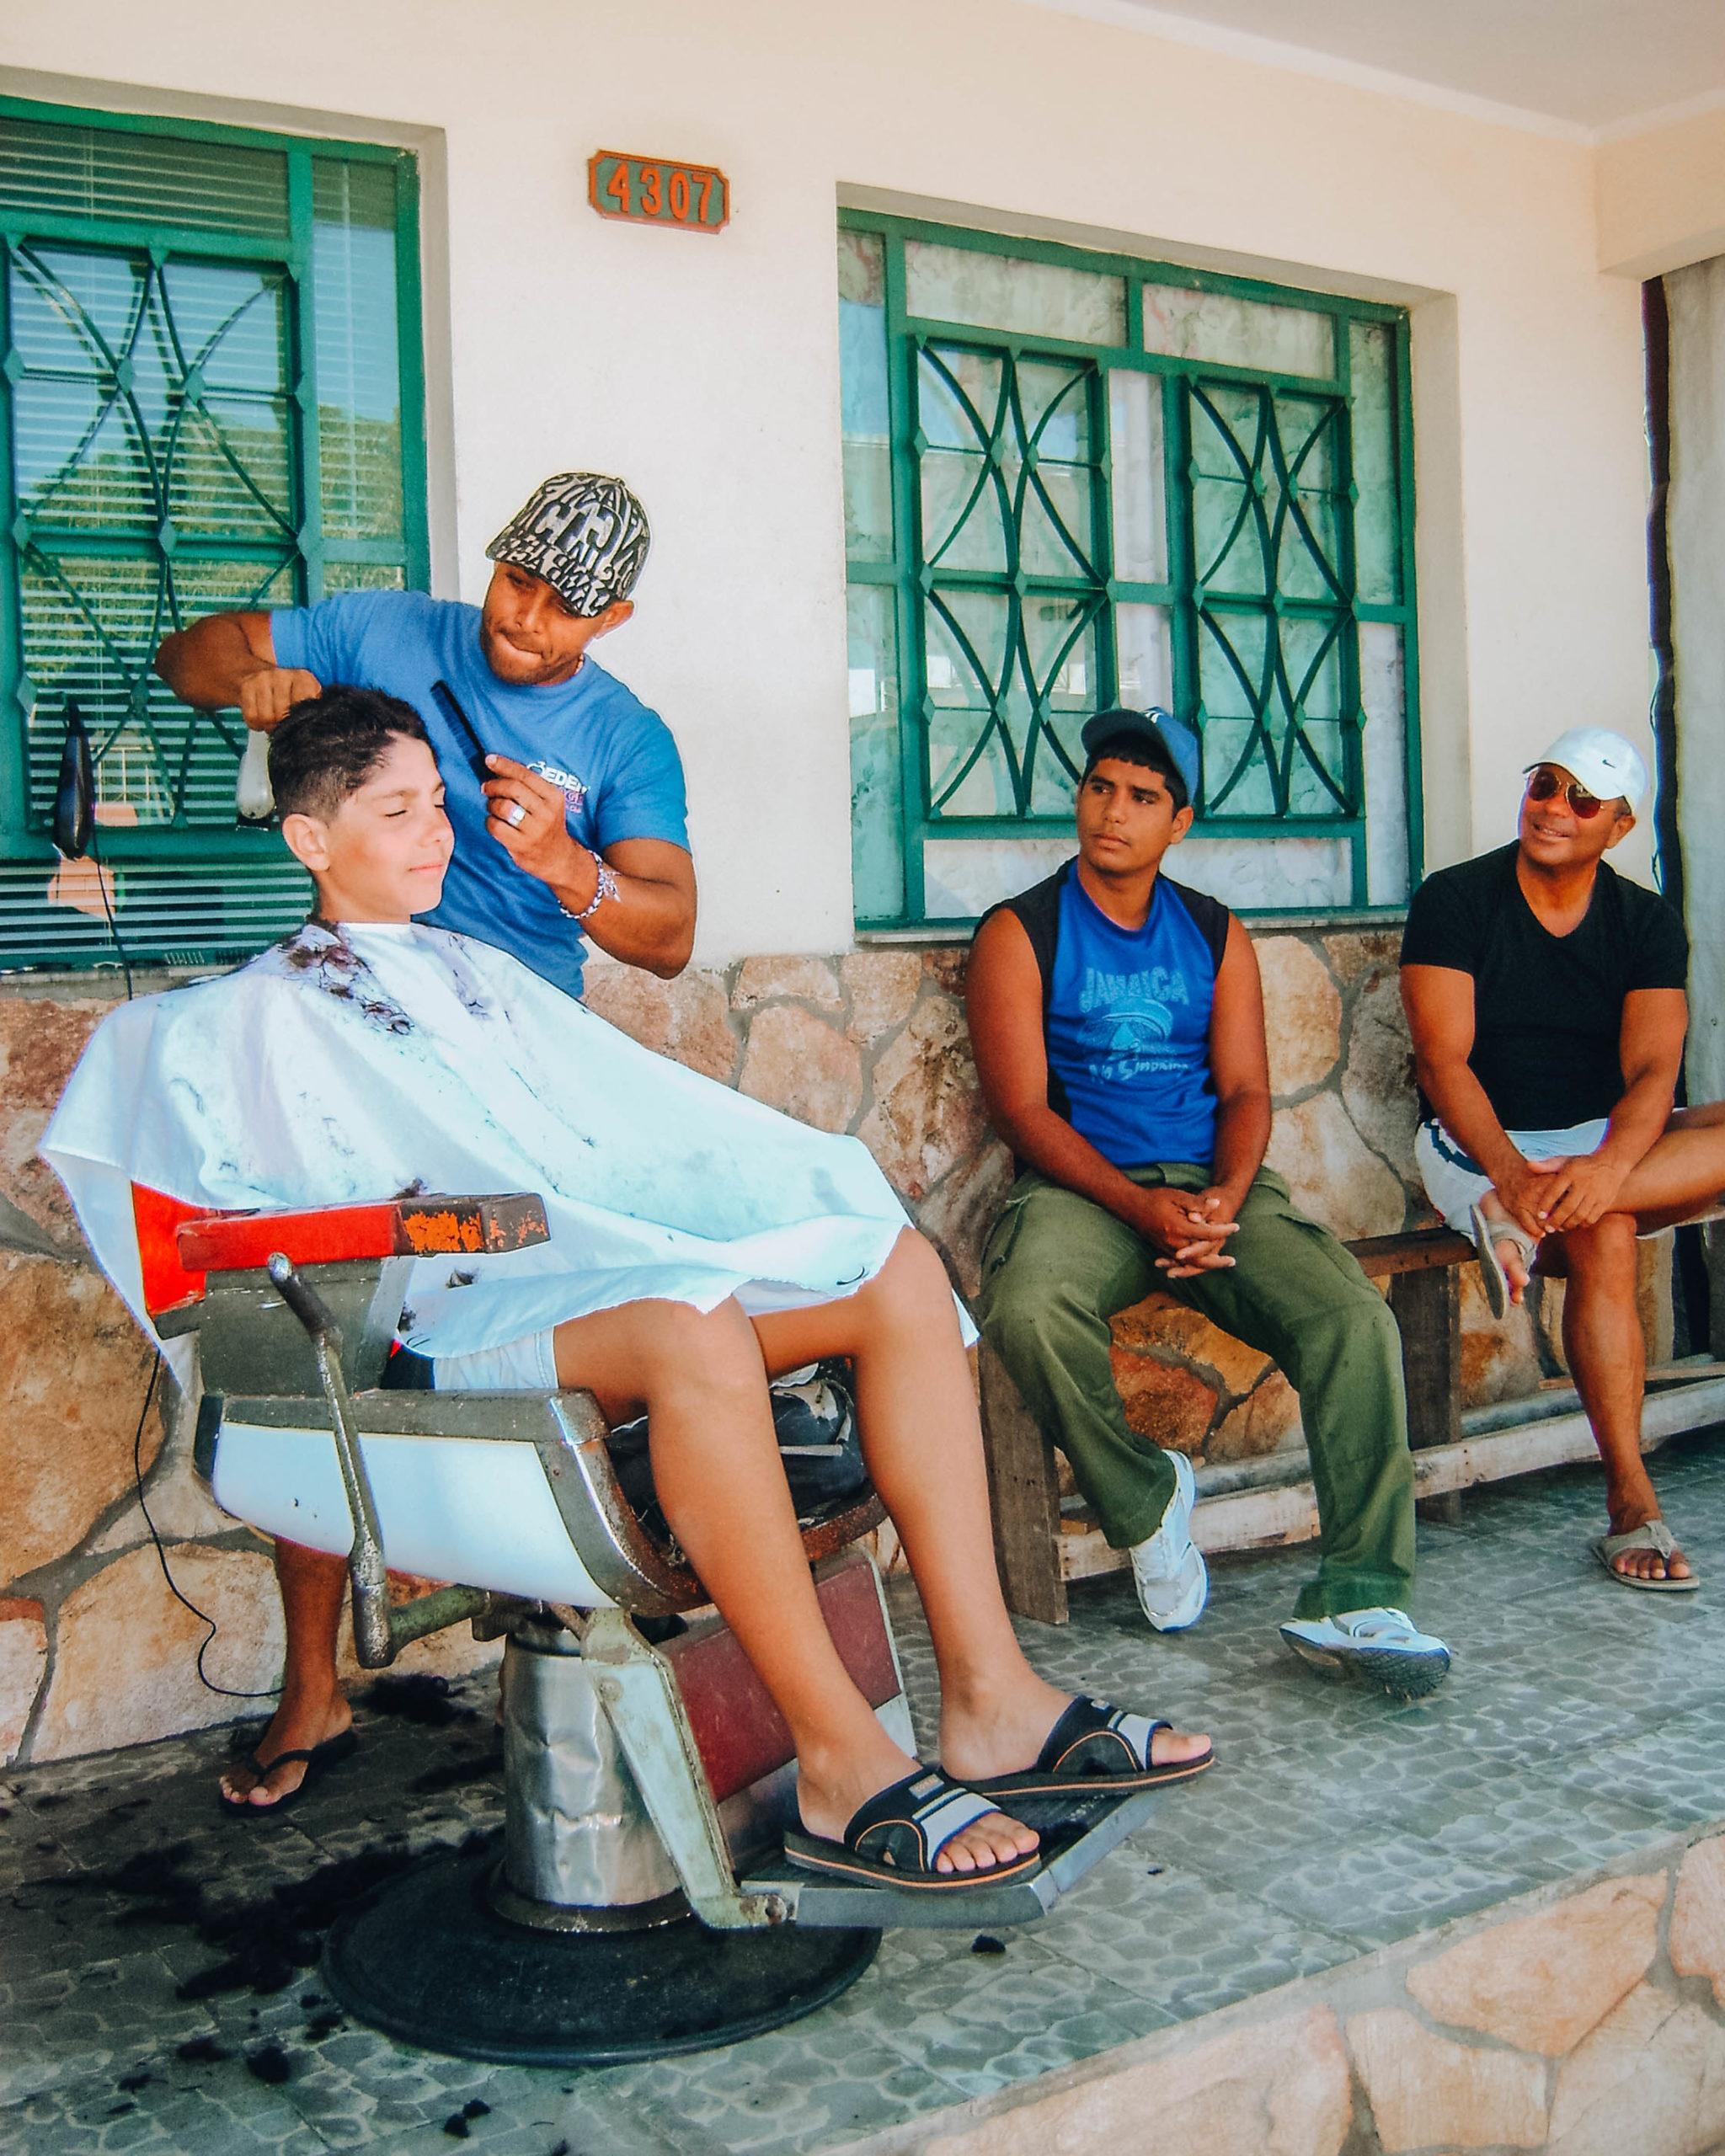 bambino dal barbiere in esterno